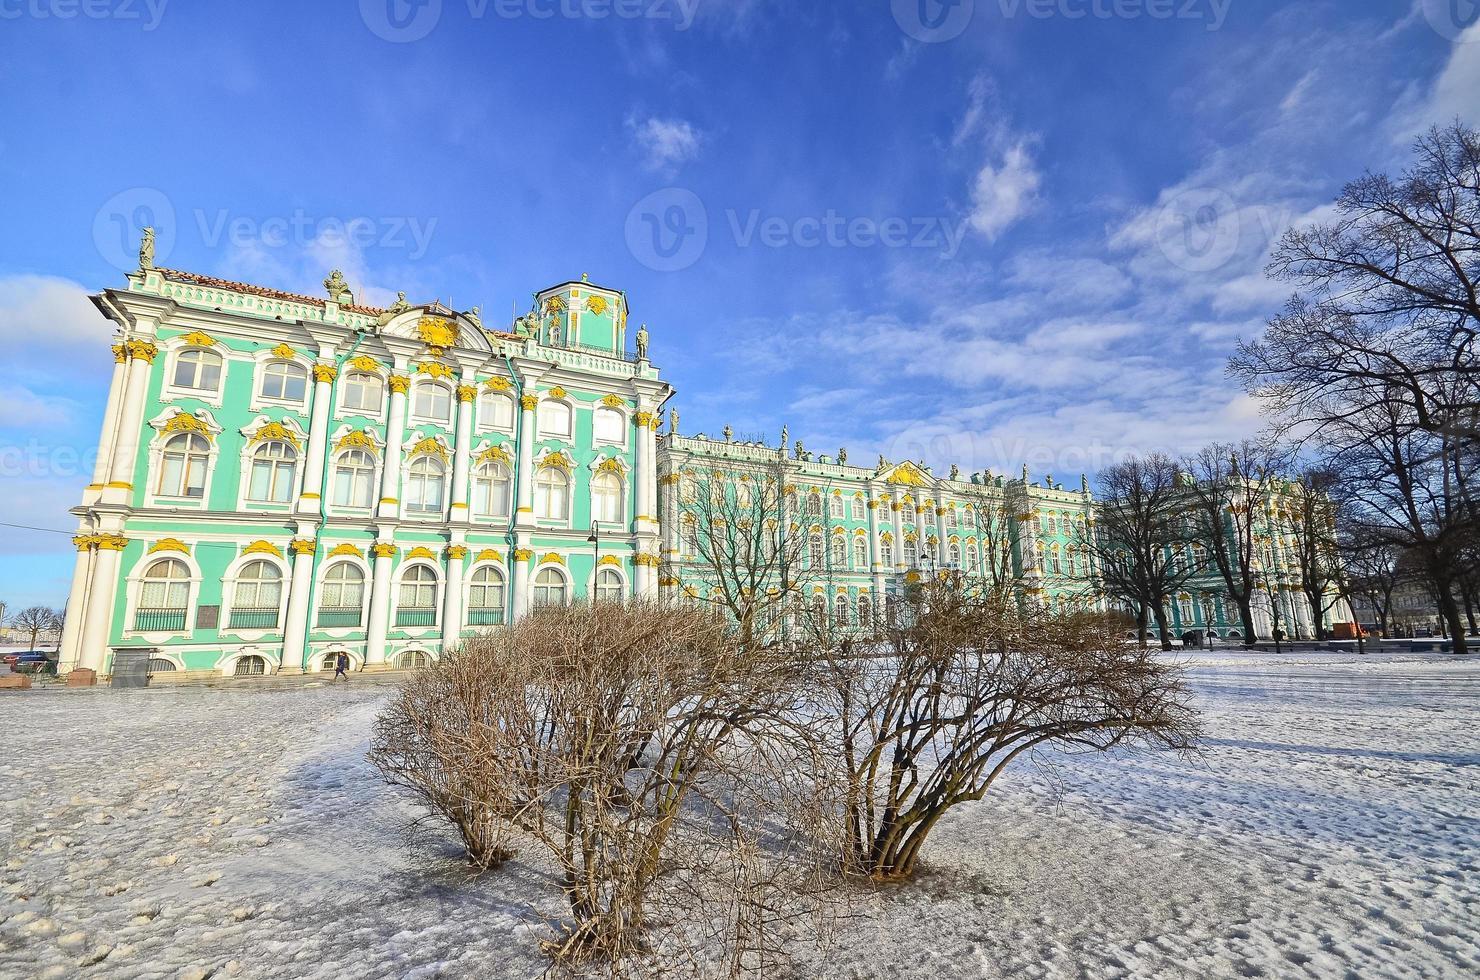 Blick auf den Winterpalastplatz in Saint Petersburg. foto